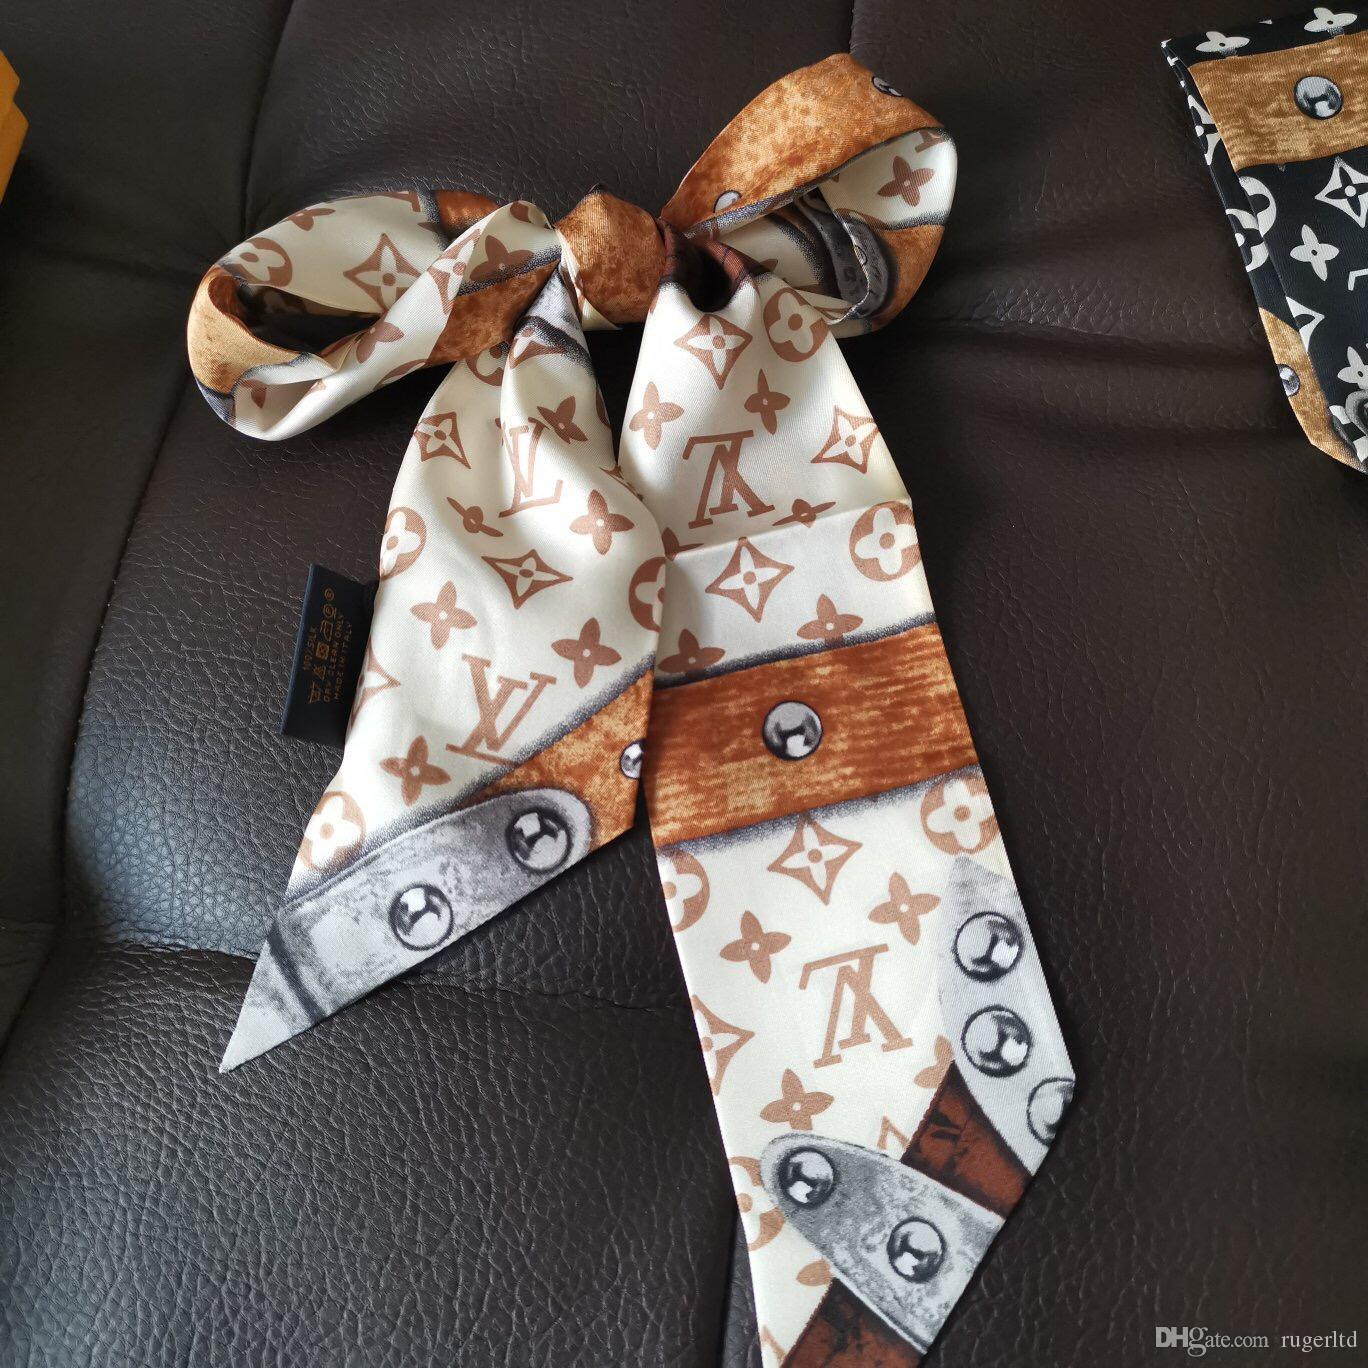 Silk fular çift taraflı baskılı dimi saten marka küçük kurdele. Tasarımcı Eşarp Kadın İnce Dar Pocket Sap